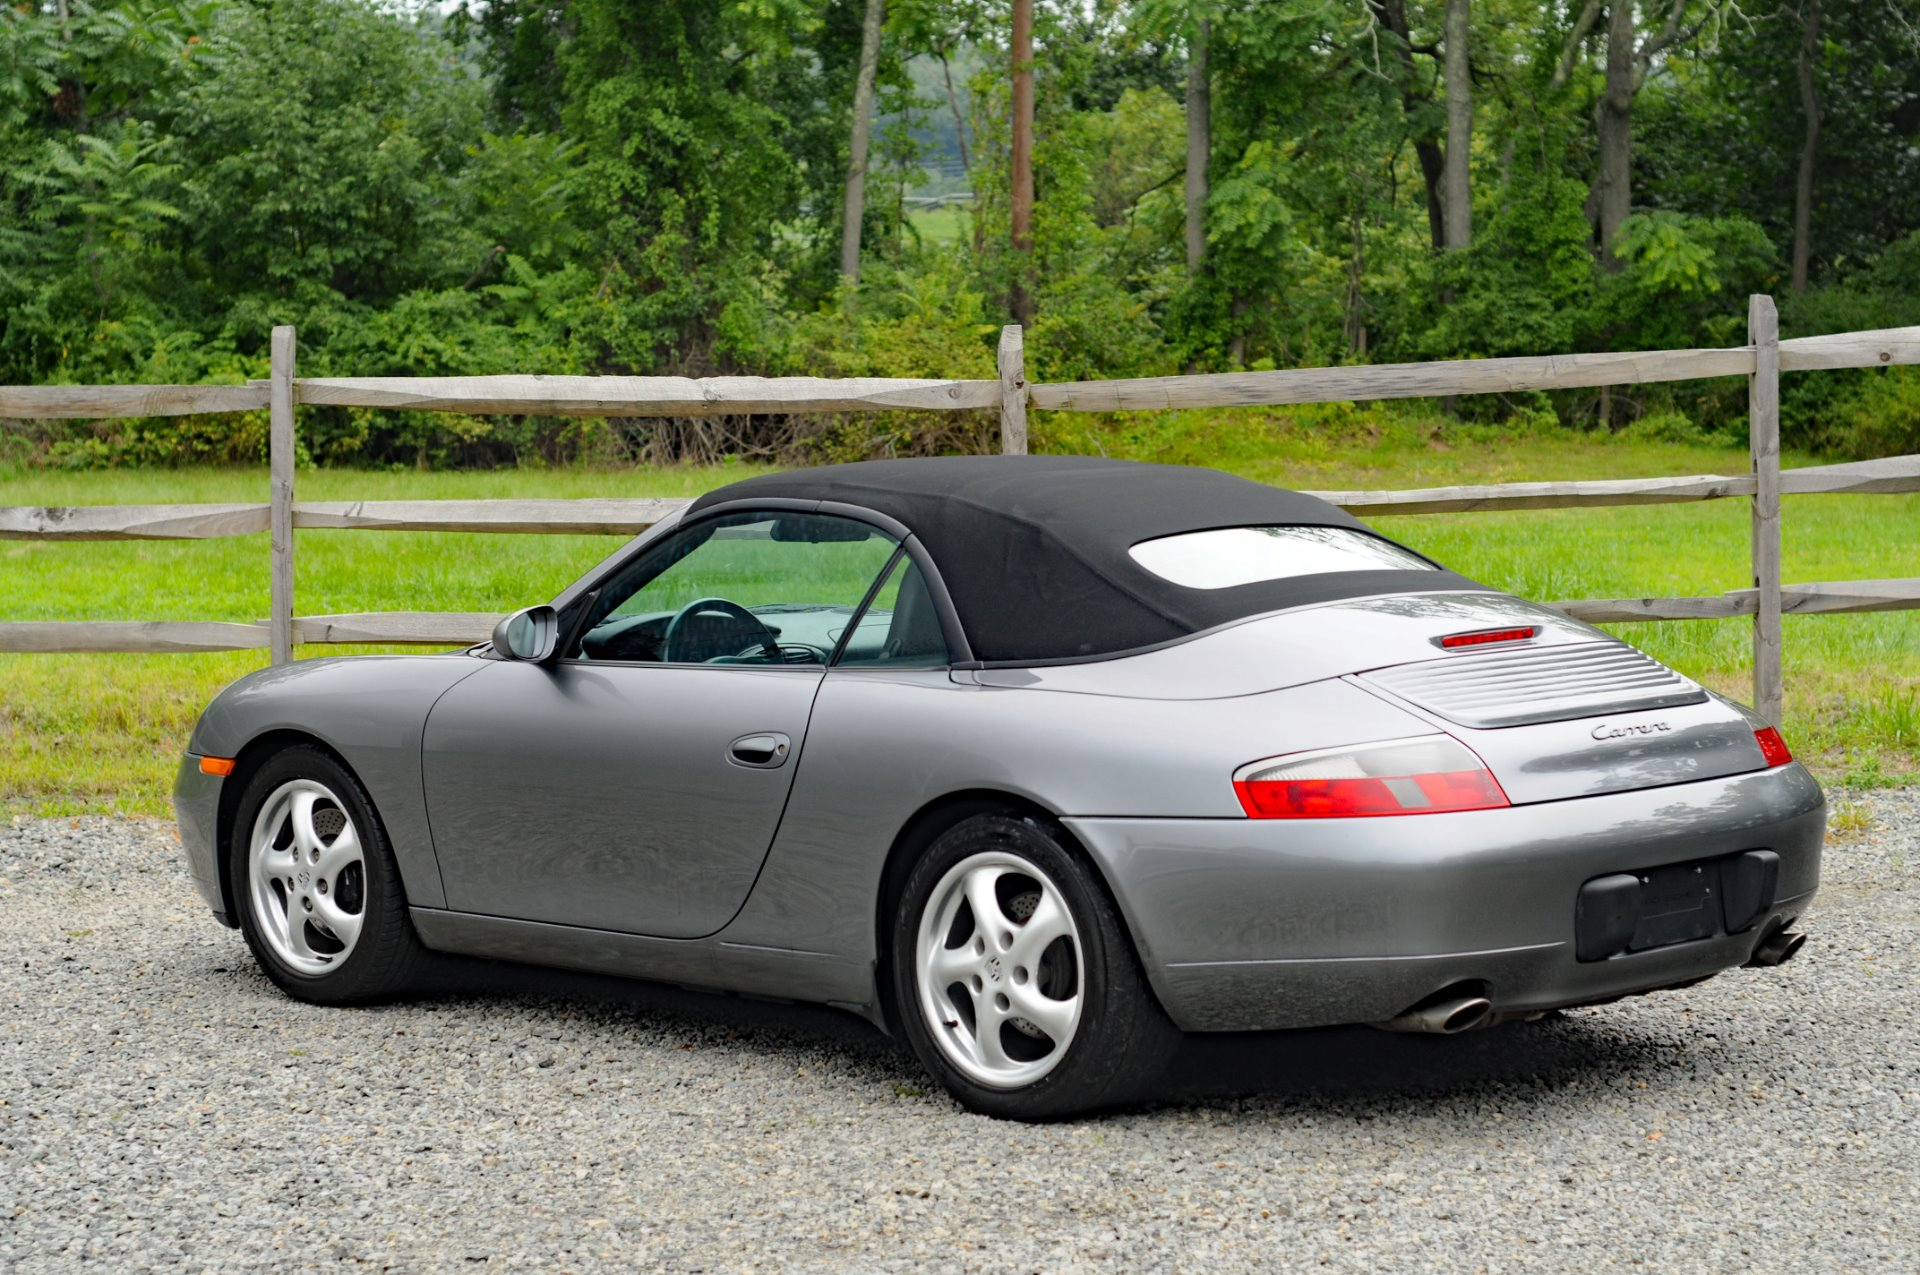 Used-2001-Porsche-911-Carrera-Cabriolet